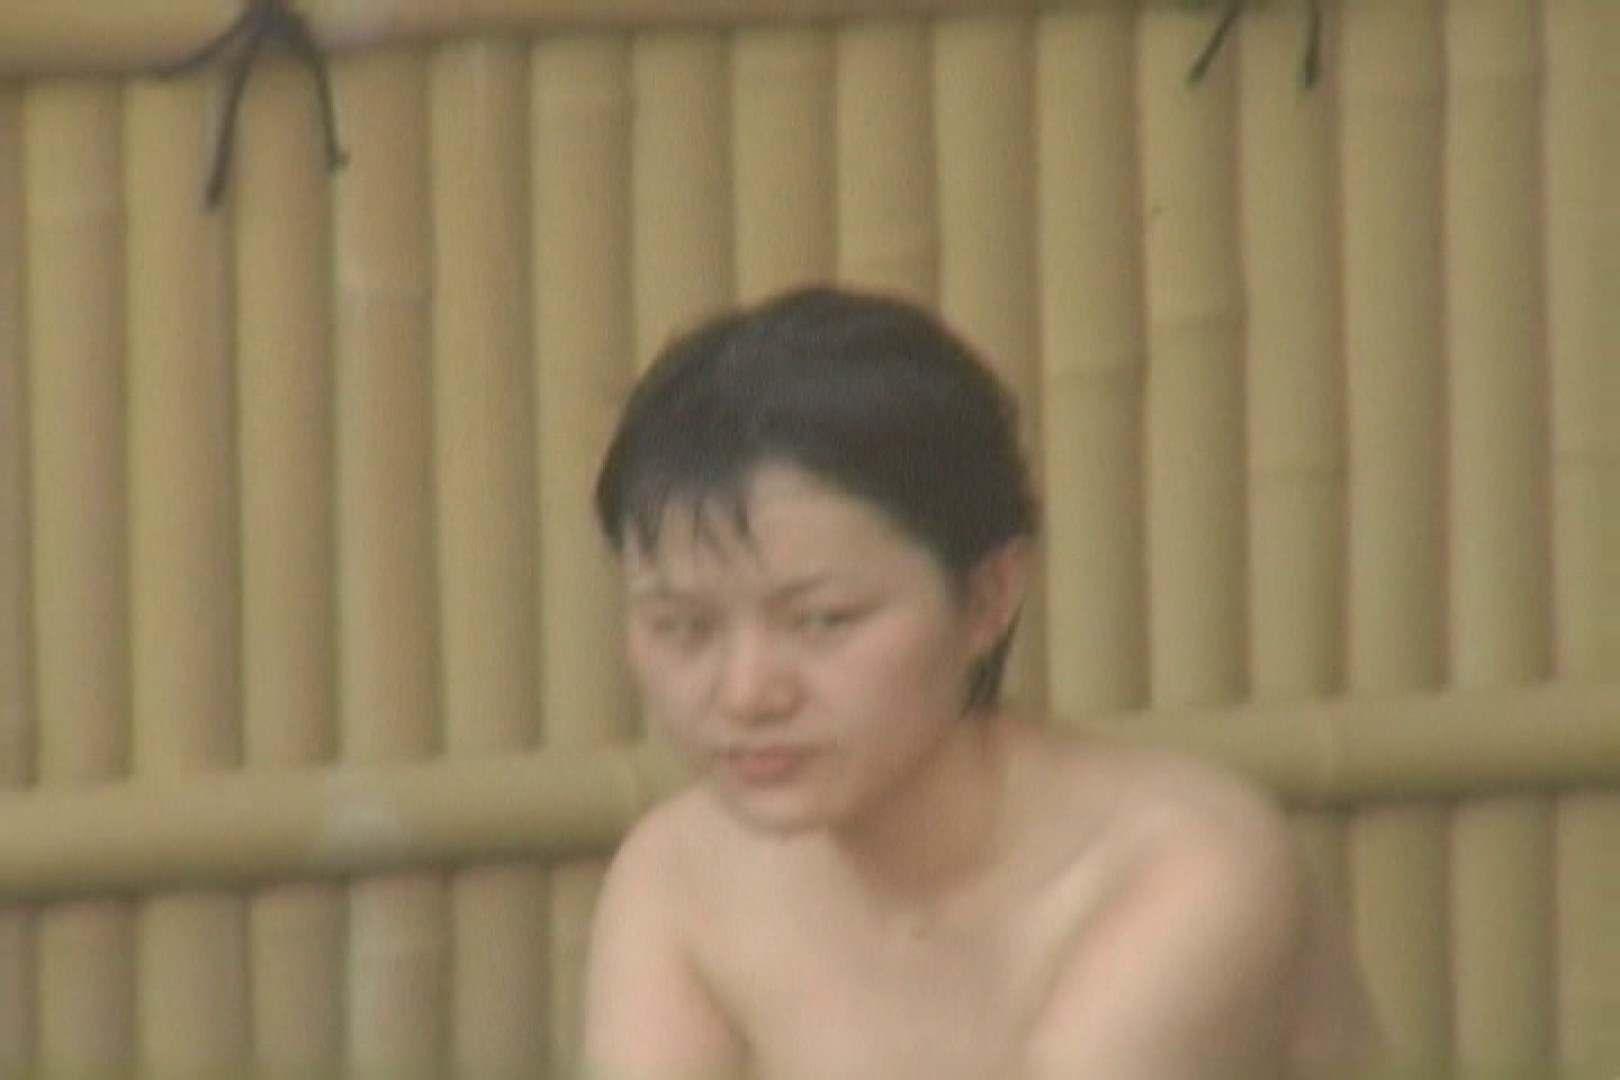 Aquaな露天風呂Vol.116 OL  54pic 15